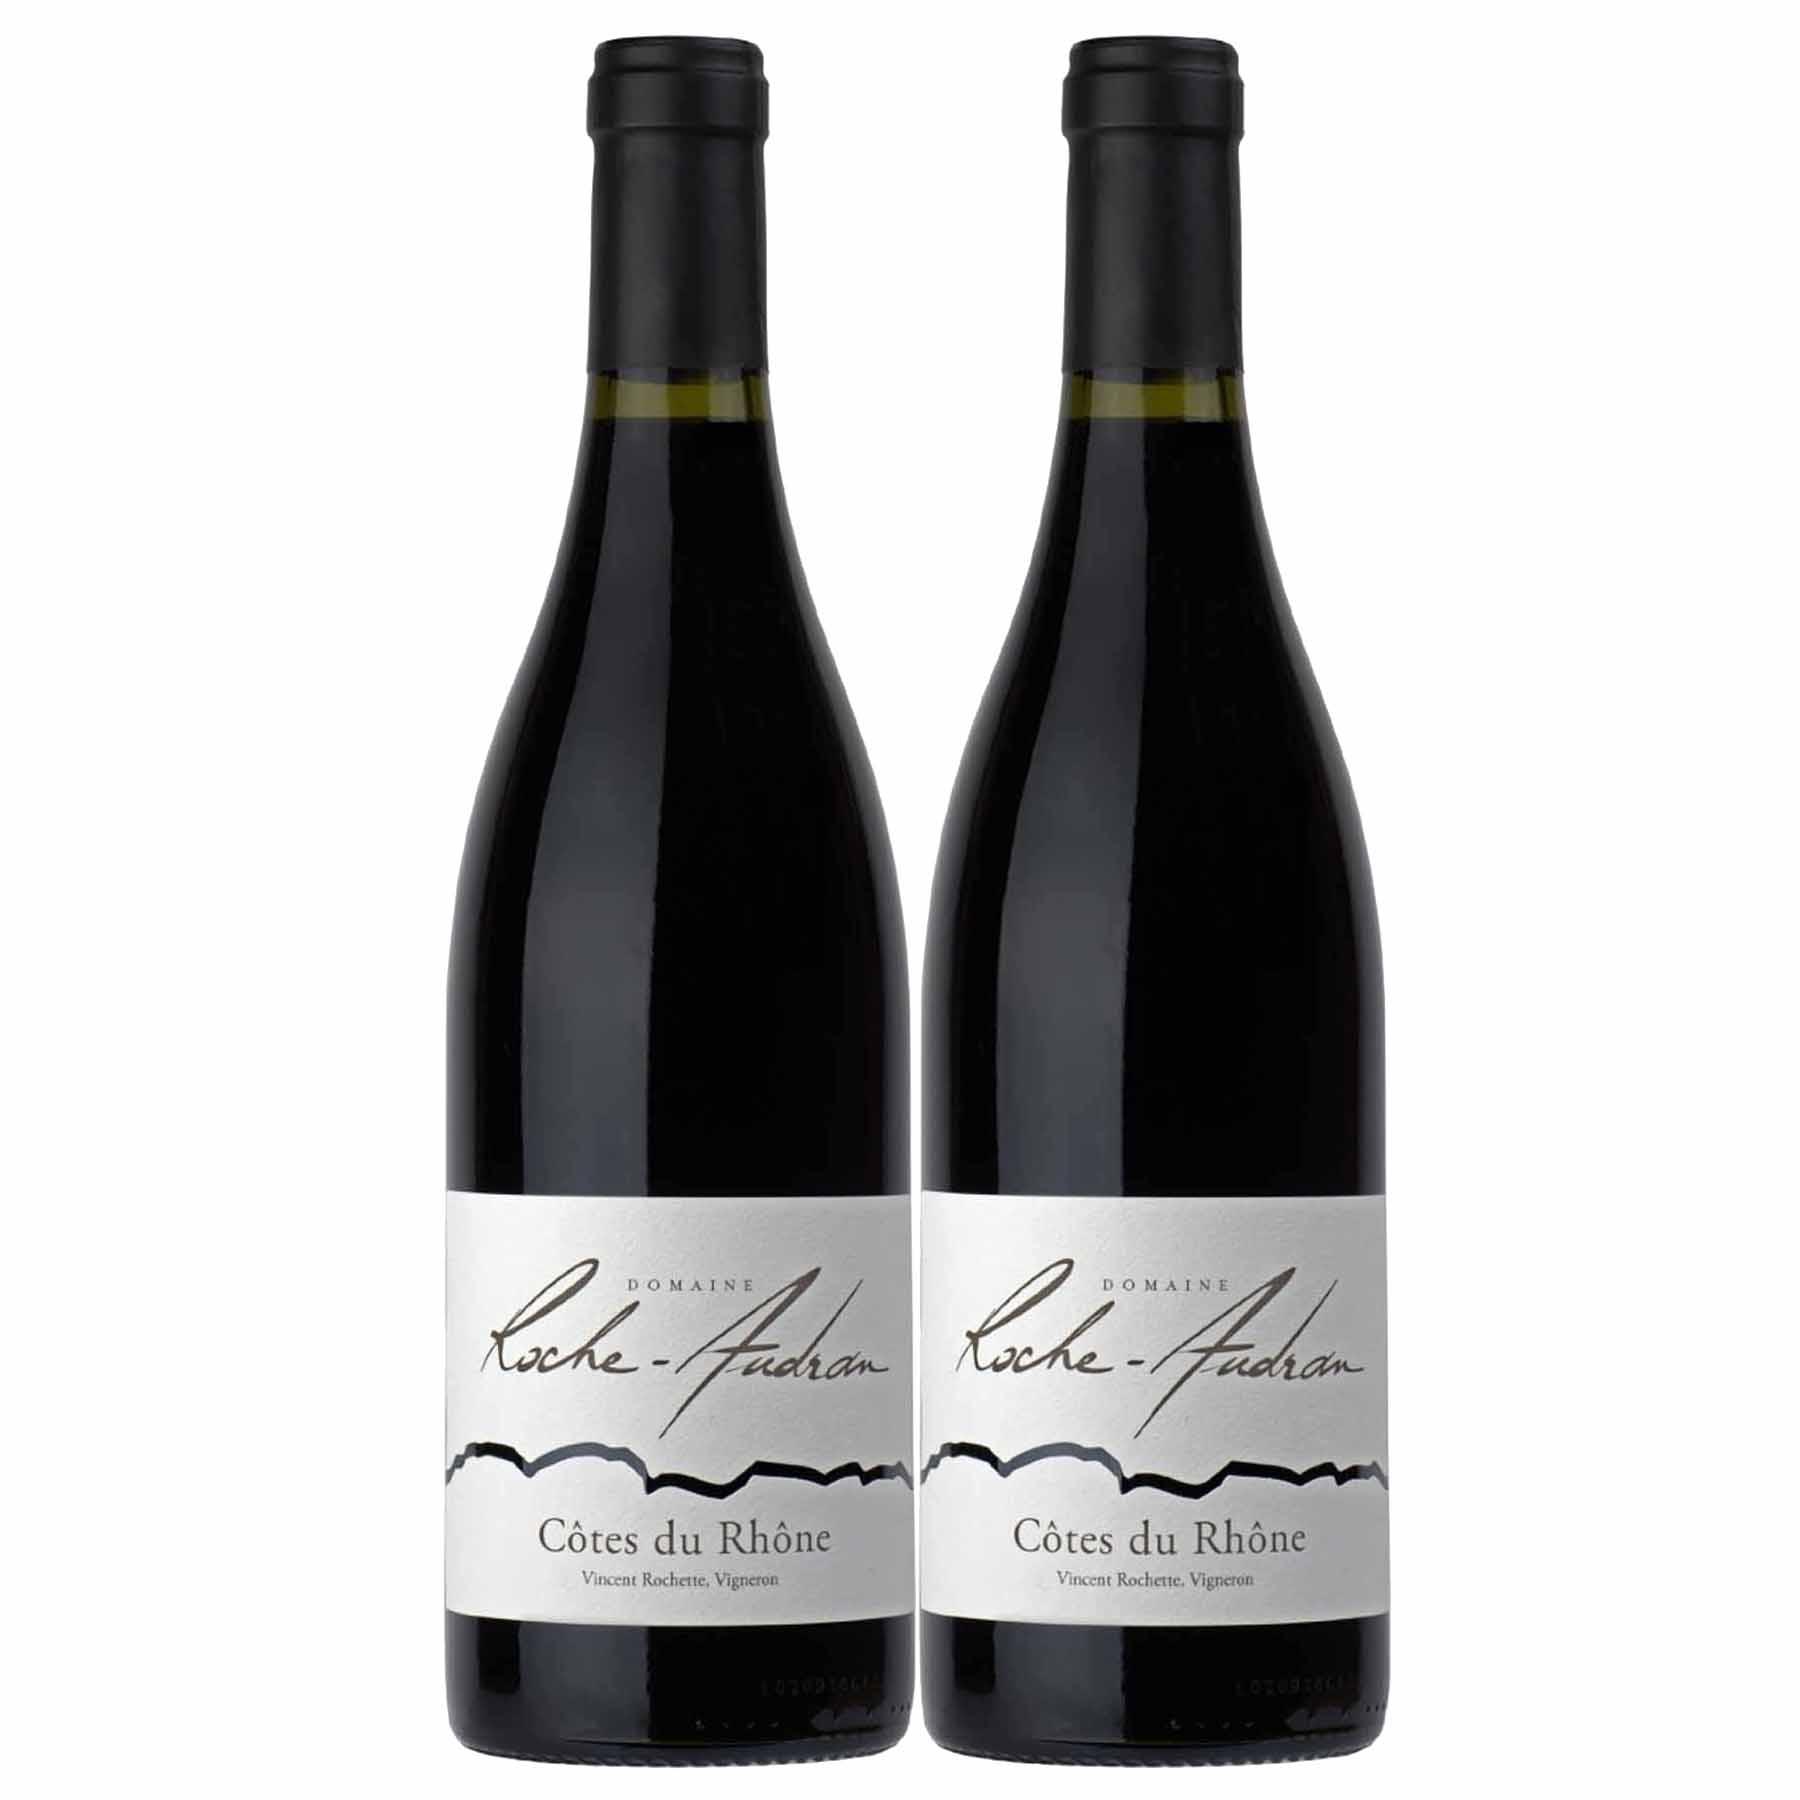 Kit 2x Vinho Tinto Francês Roche Audran Côtes du Rhône 2018